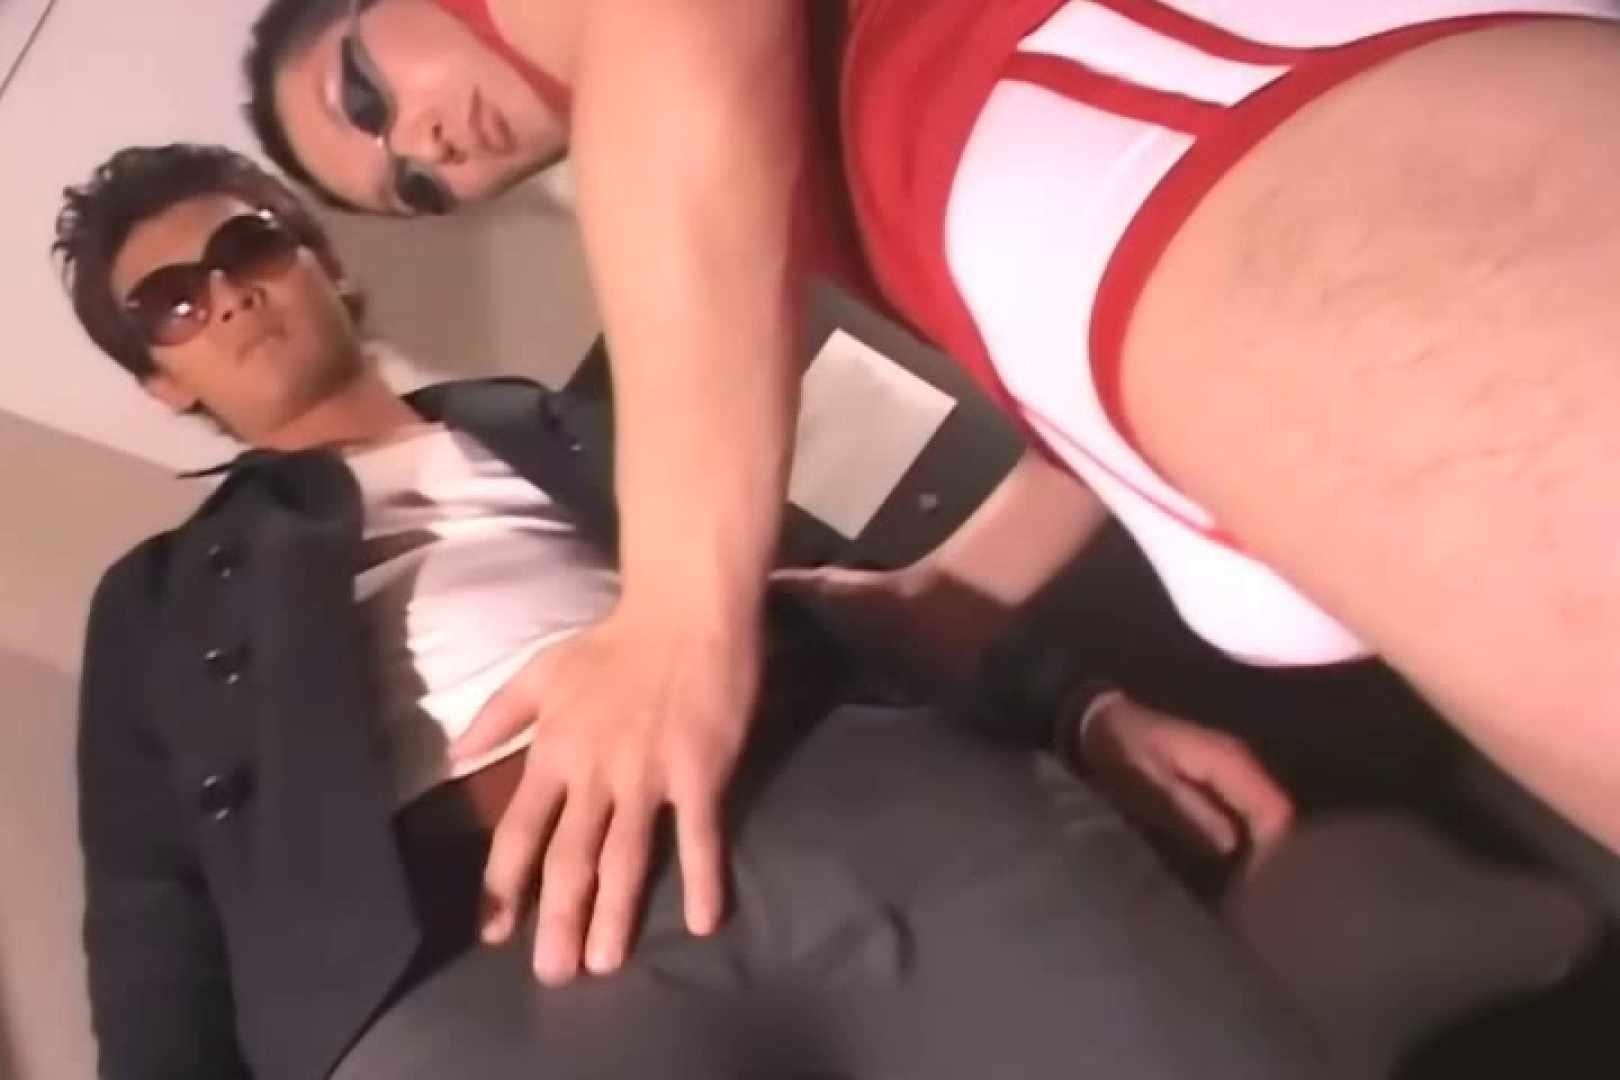 スリ筋イケメンアナル開発部! フェラ天国 ゲイアダルトビデオ画像 55pic 2